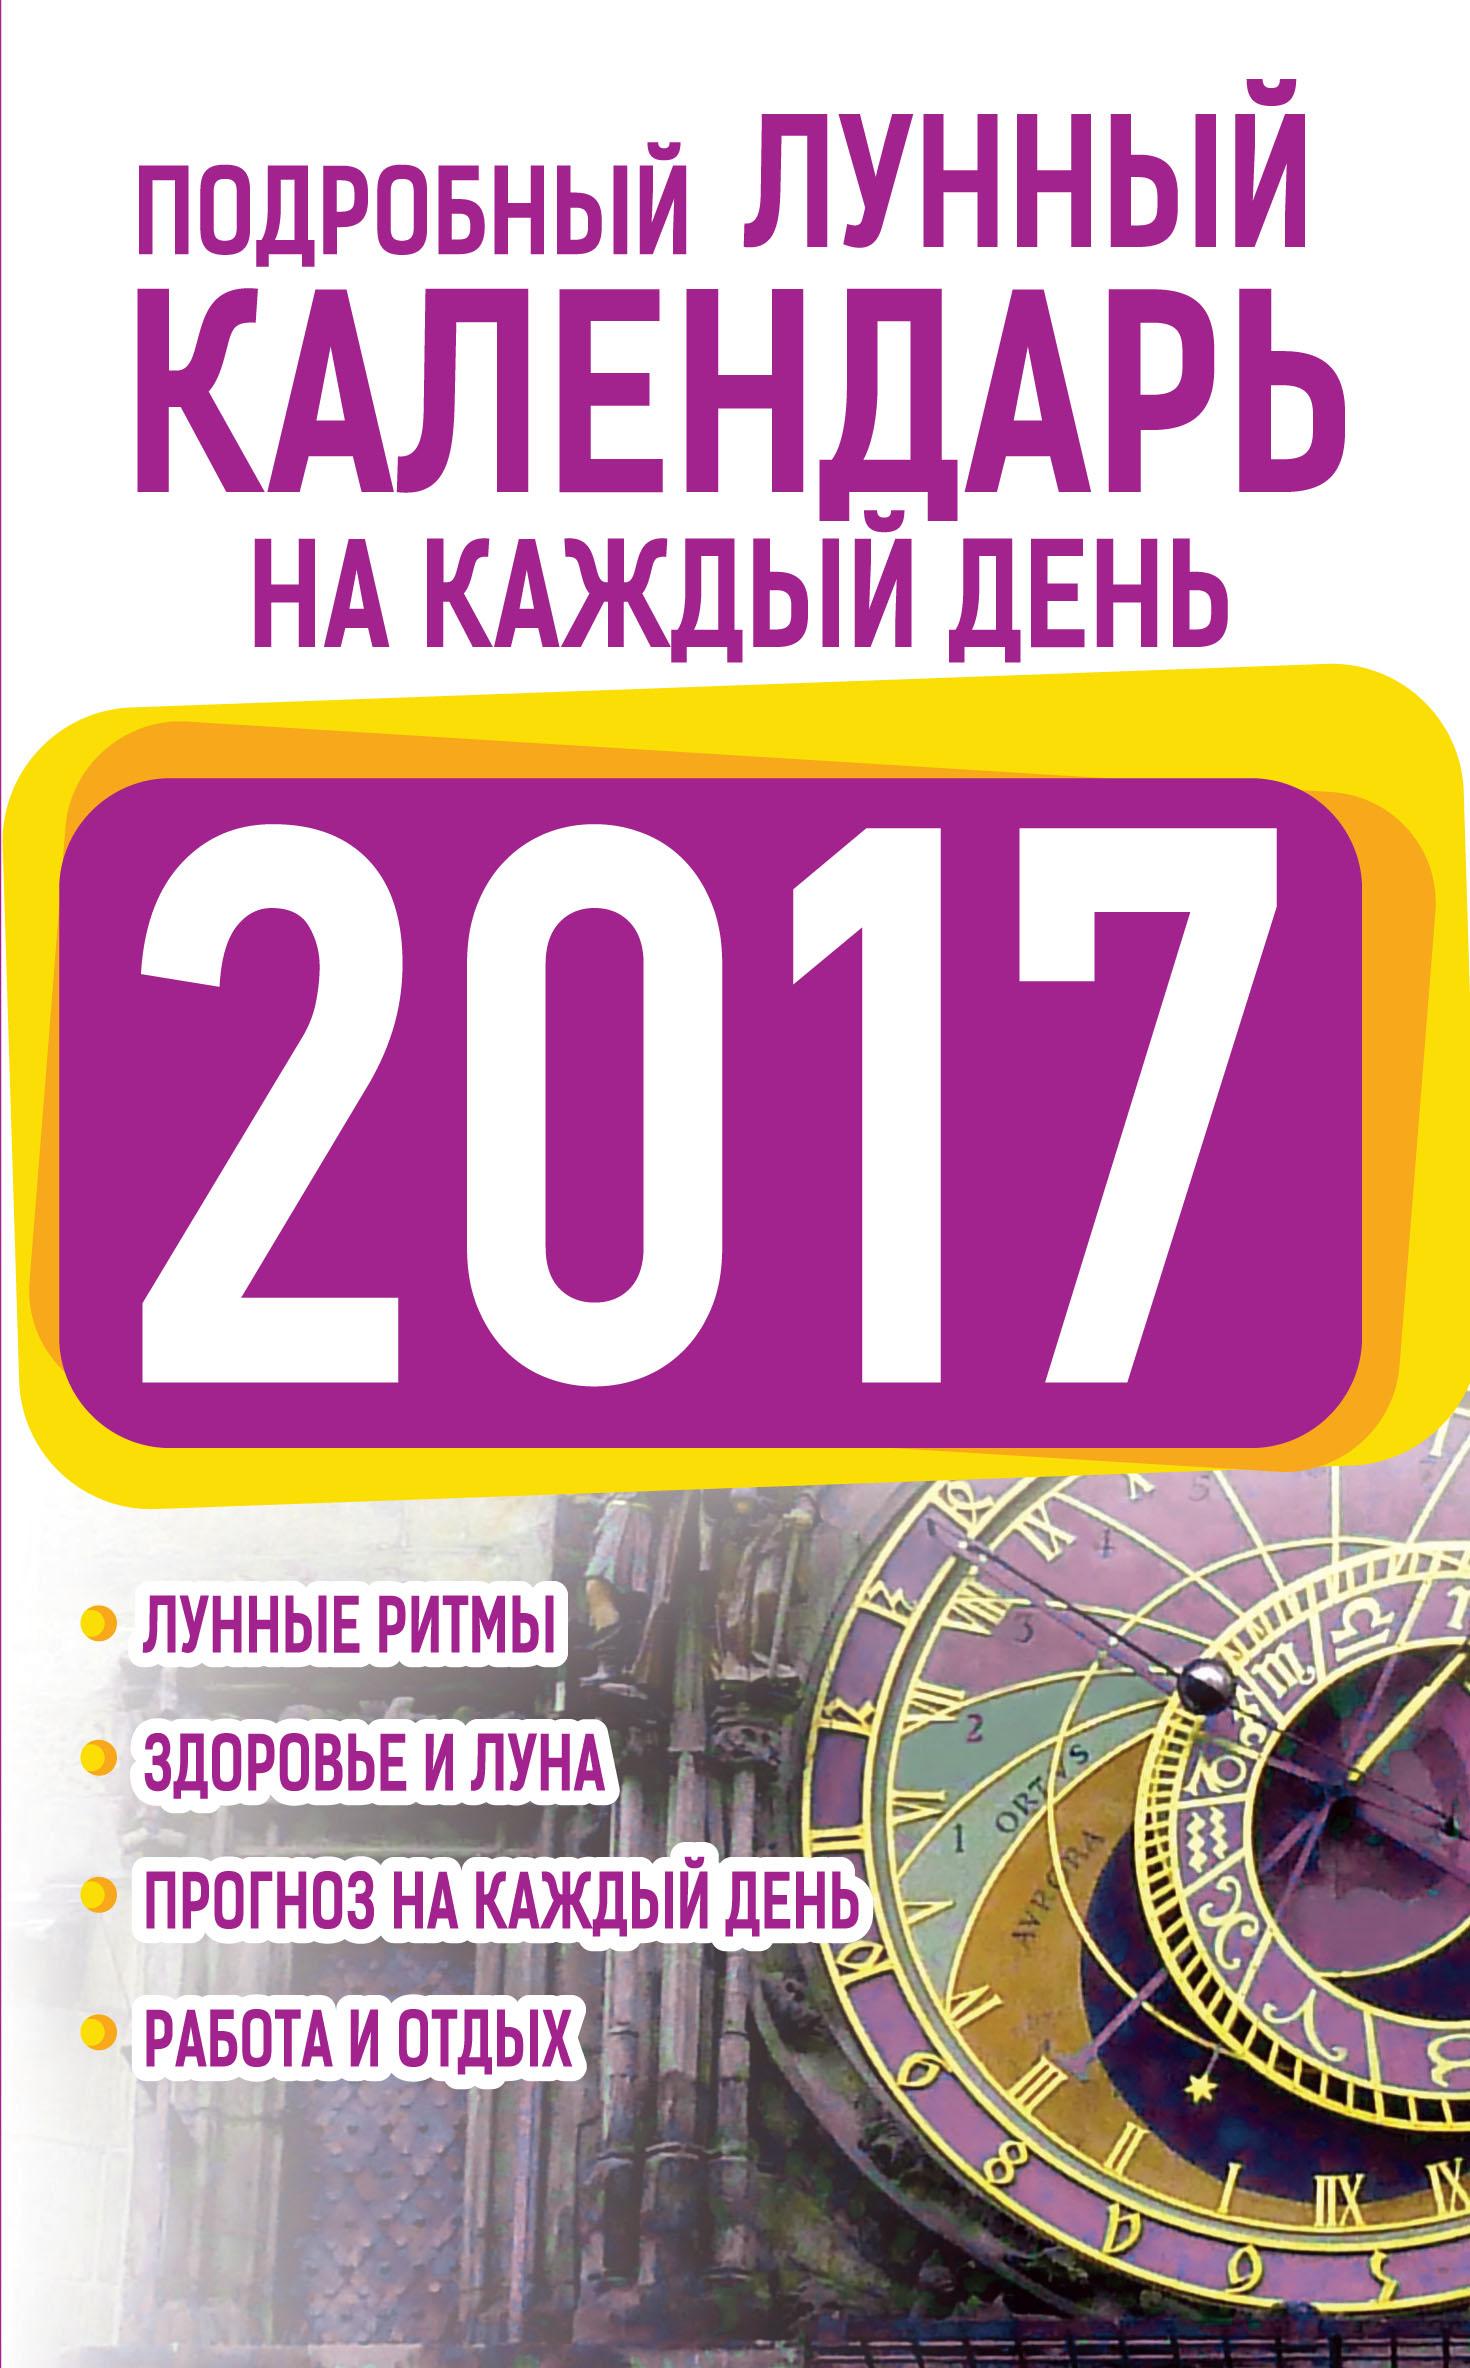 Официальные выходные в 2017 году в россии в мае